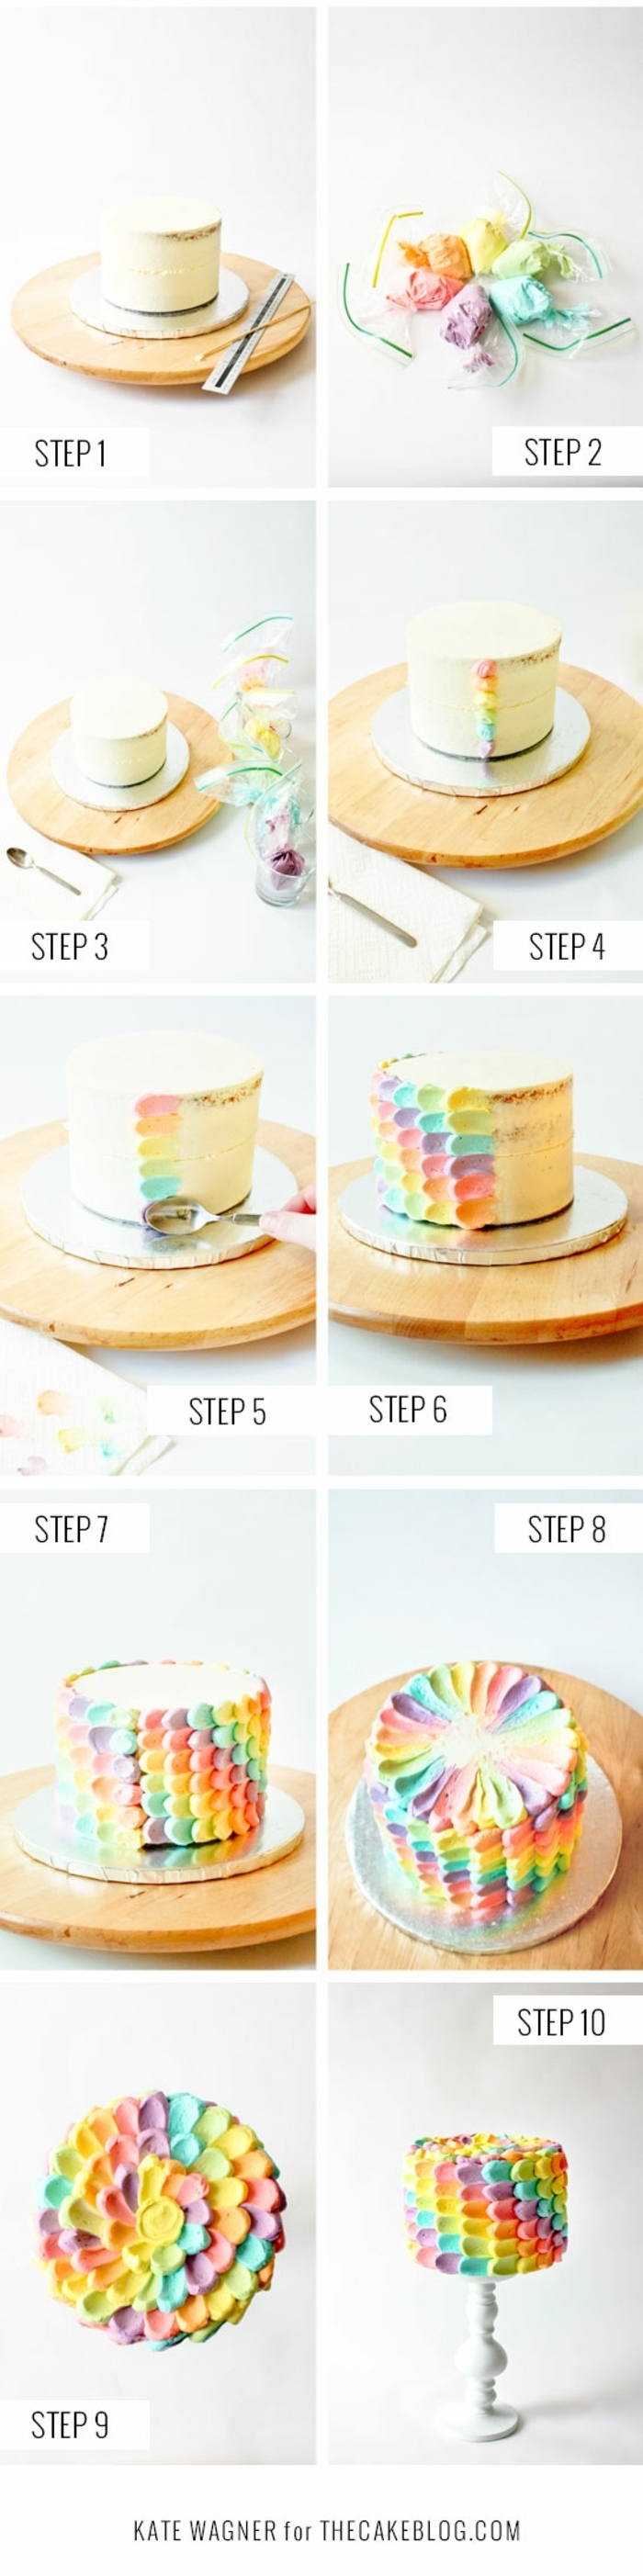 pasos sobre como decorar una tarta con manga pastelera, ideas de tartas ricas y faciles de preparar para un cumpleaños